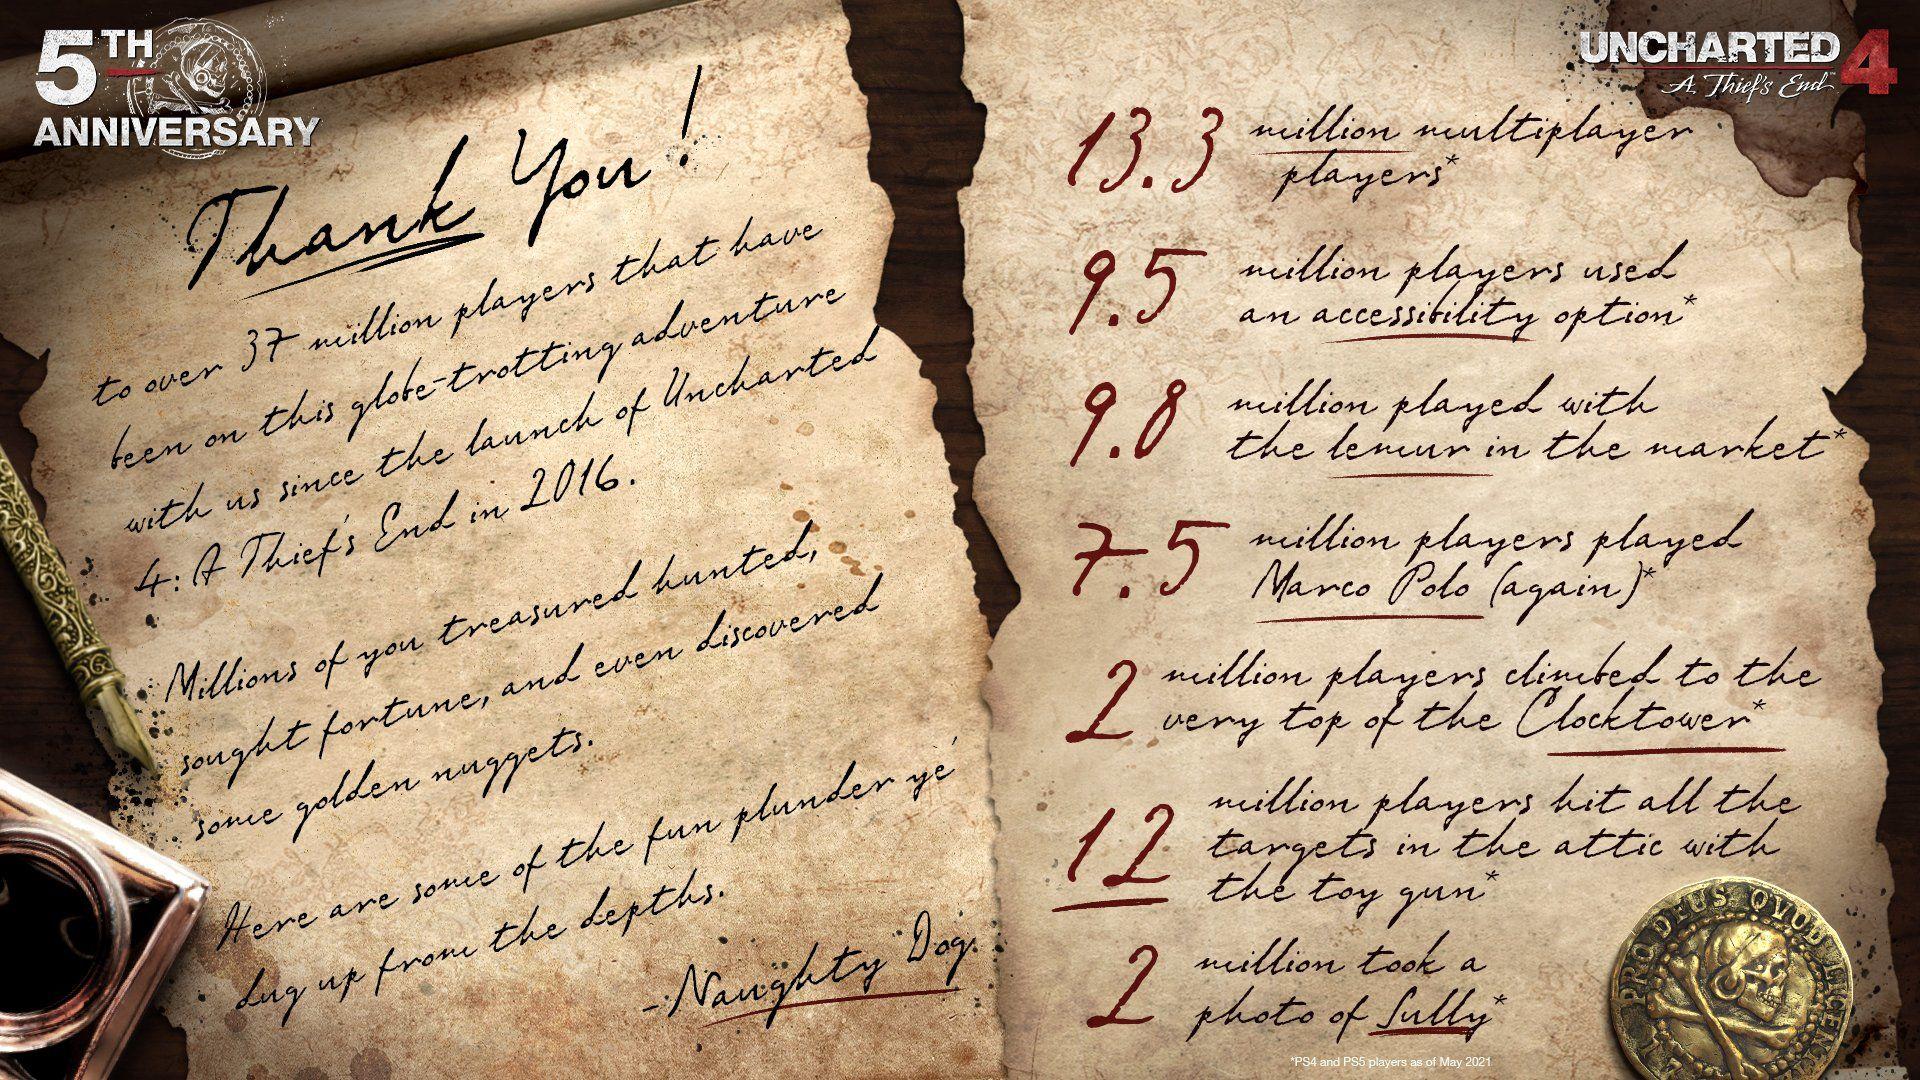 Uncharted 4 tam 37 milyonu aşkın kişi tarafından oynanmış